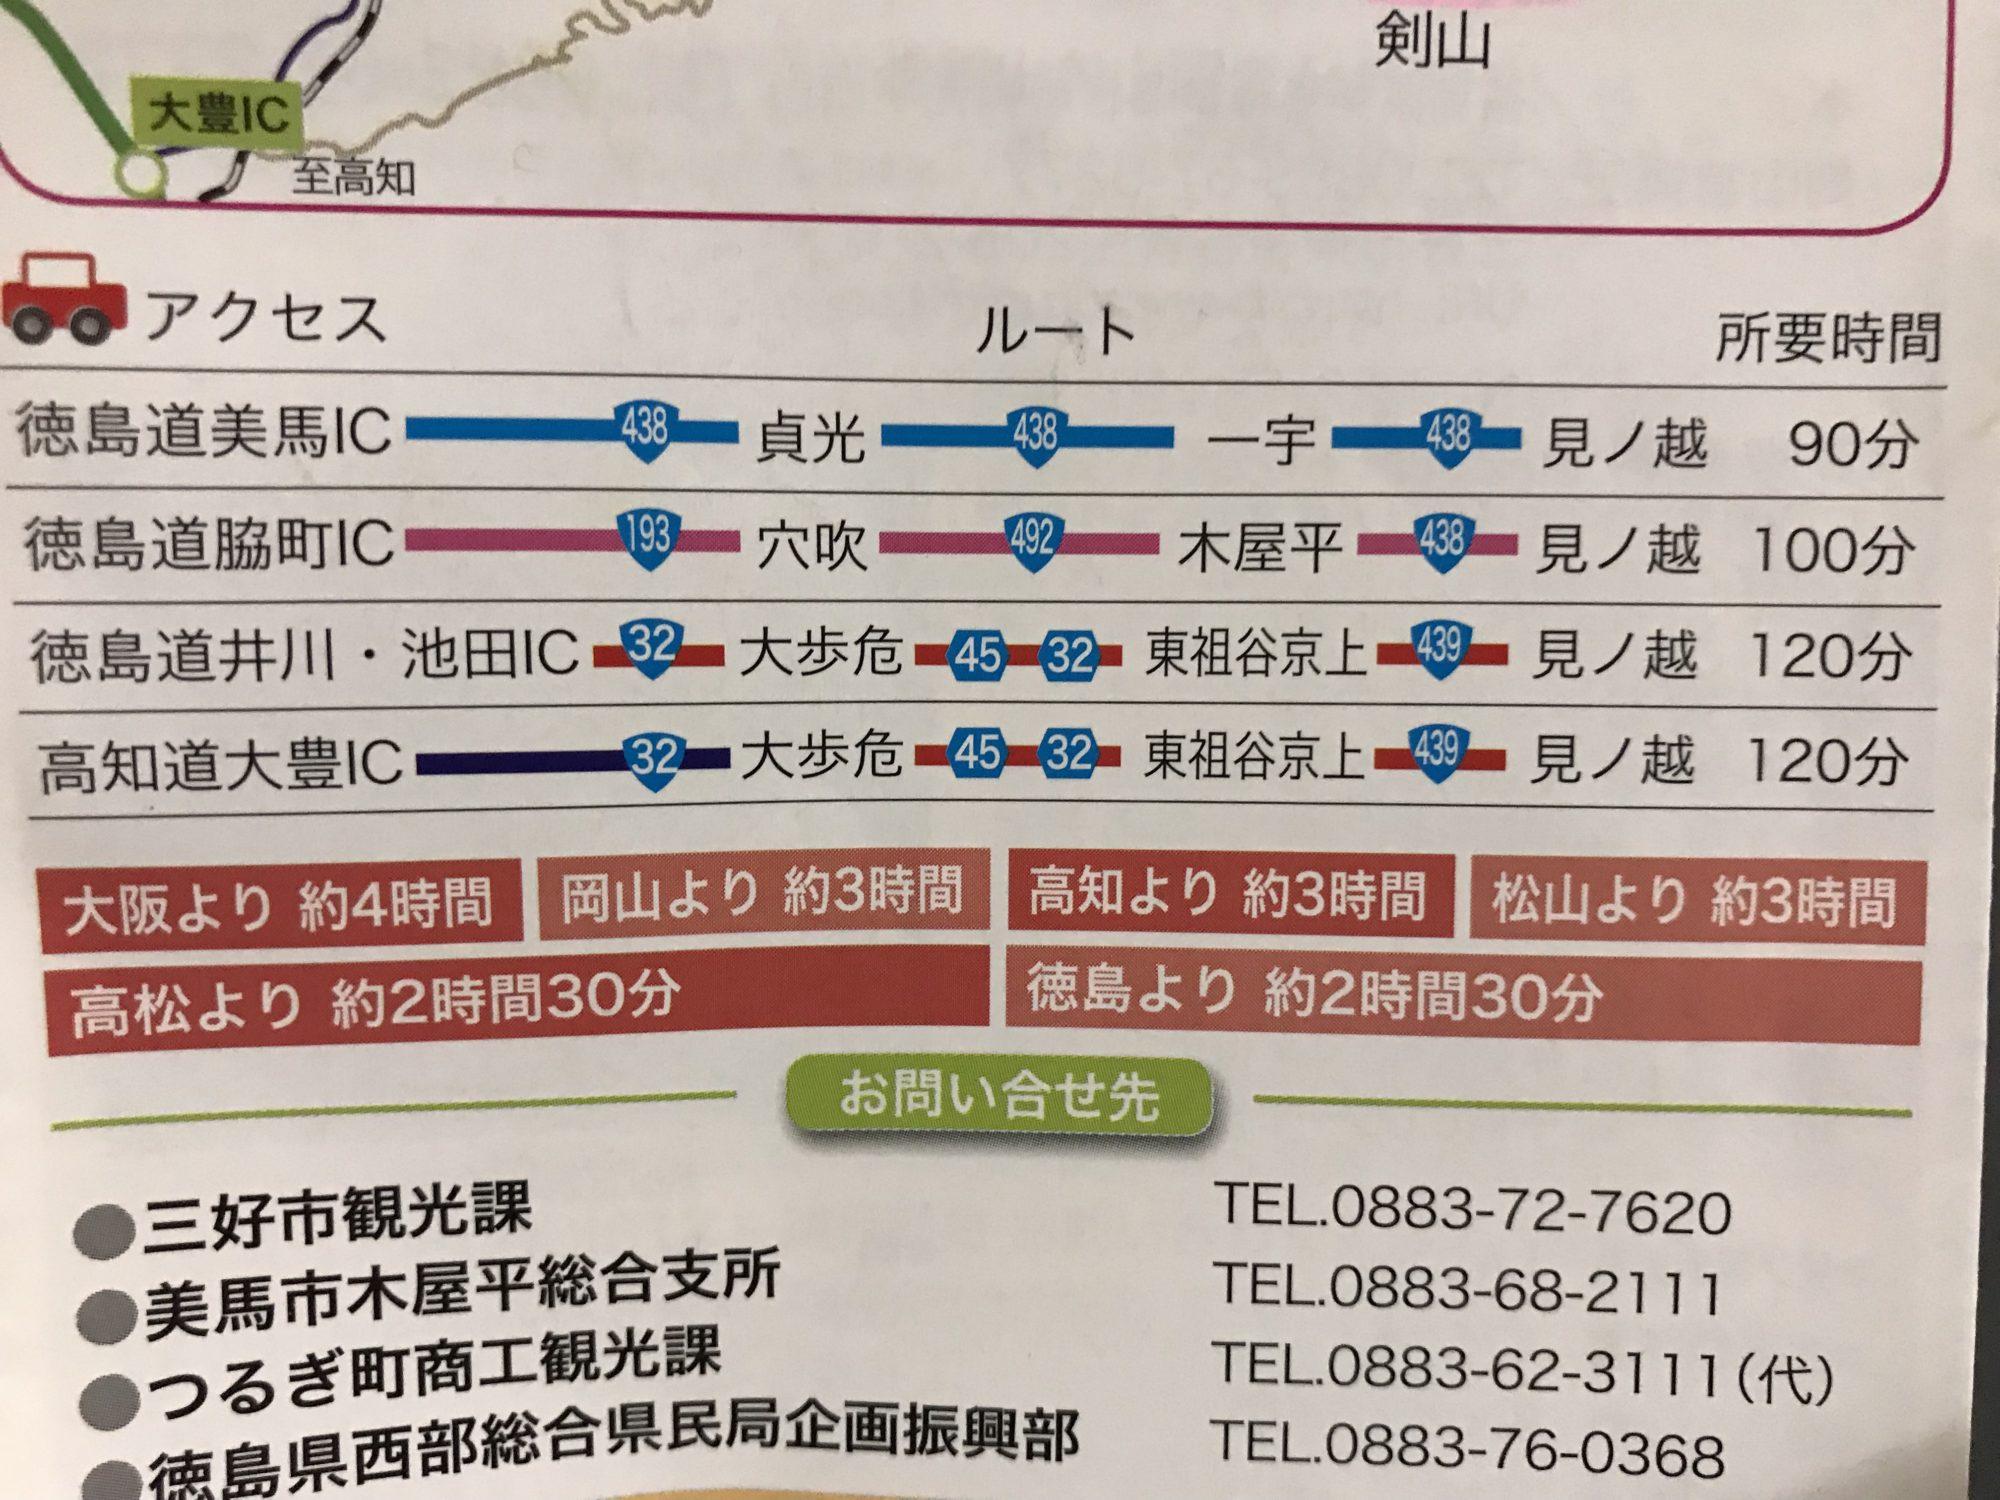 主要インターから剣山への所要時間